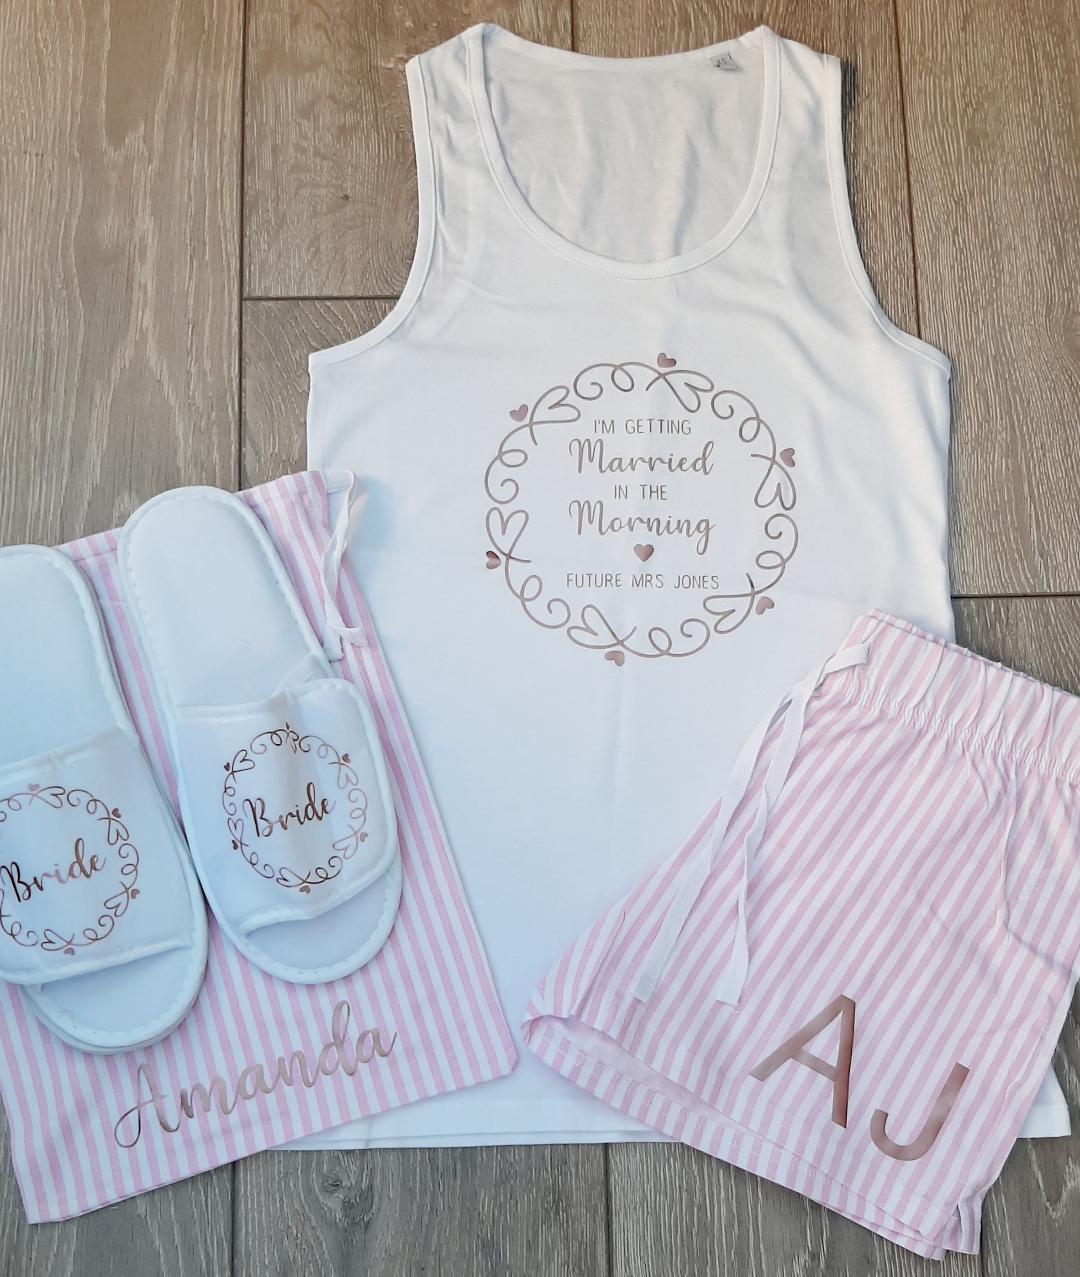 personalised wedding pajamas